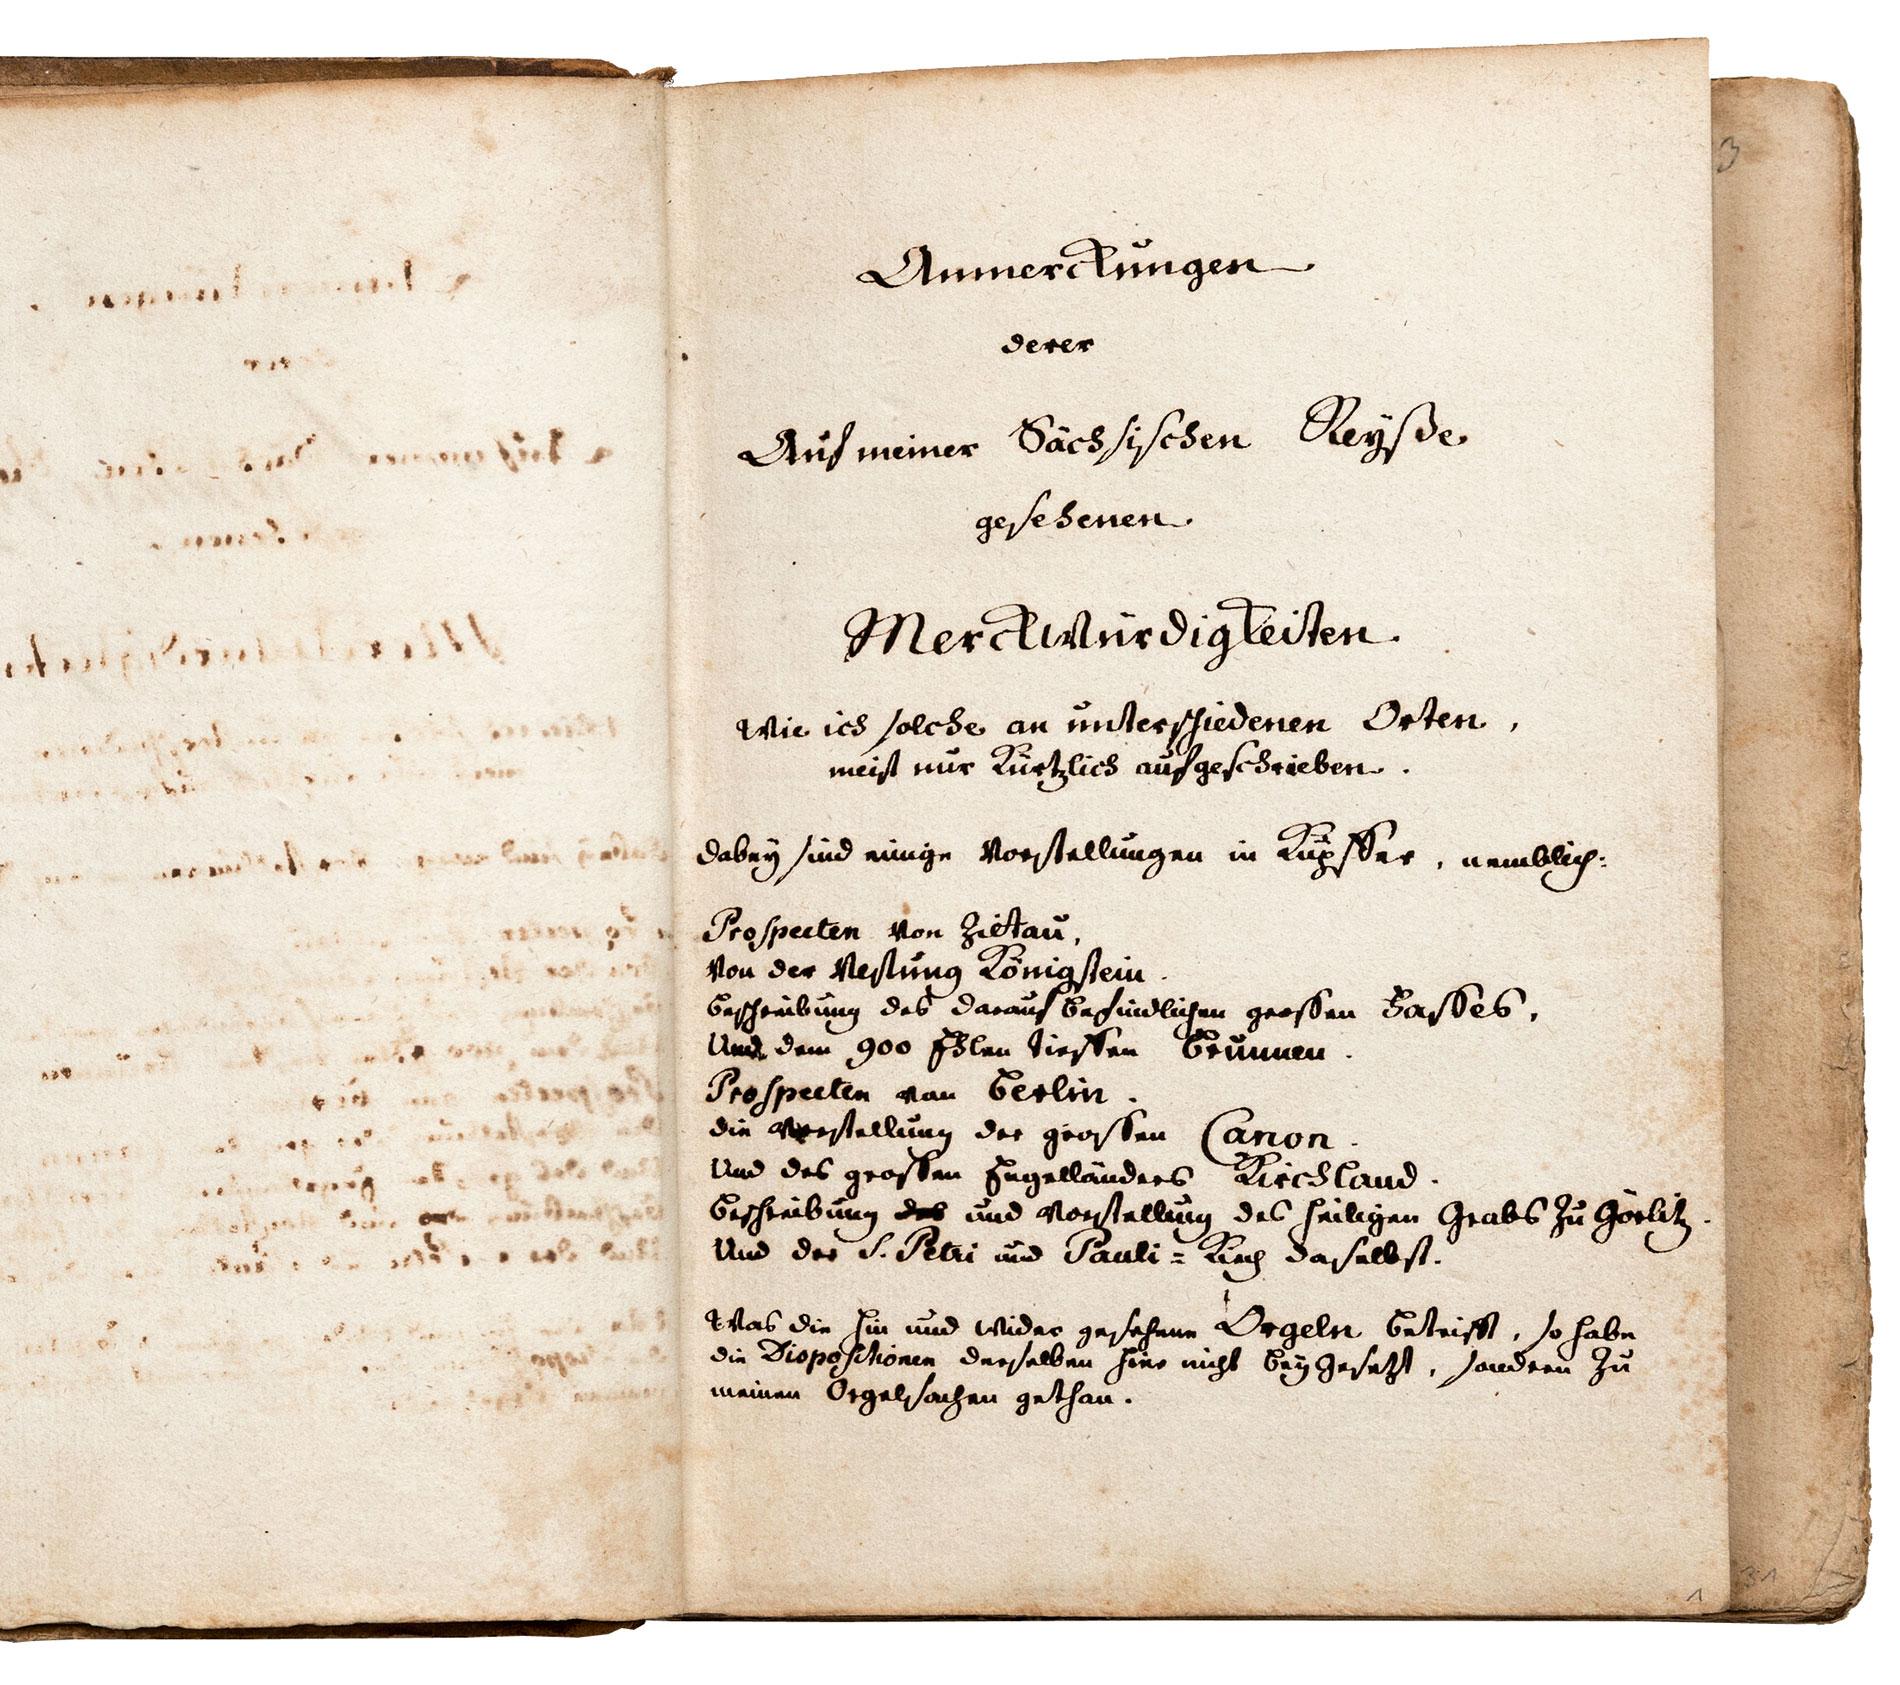 Titelblatt des Reisetagebuchs von Johann Andreas Silbermann, 1741; Sächsische Landesbibliothek – Staats- und Universitätsbibliothek Dresden